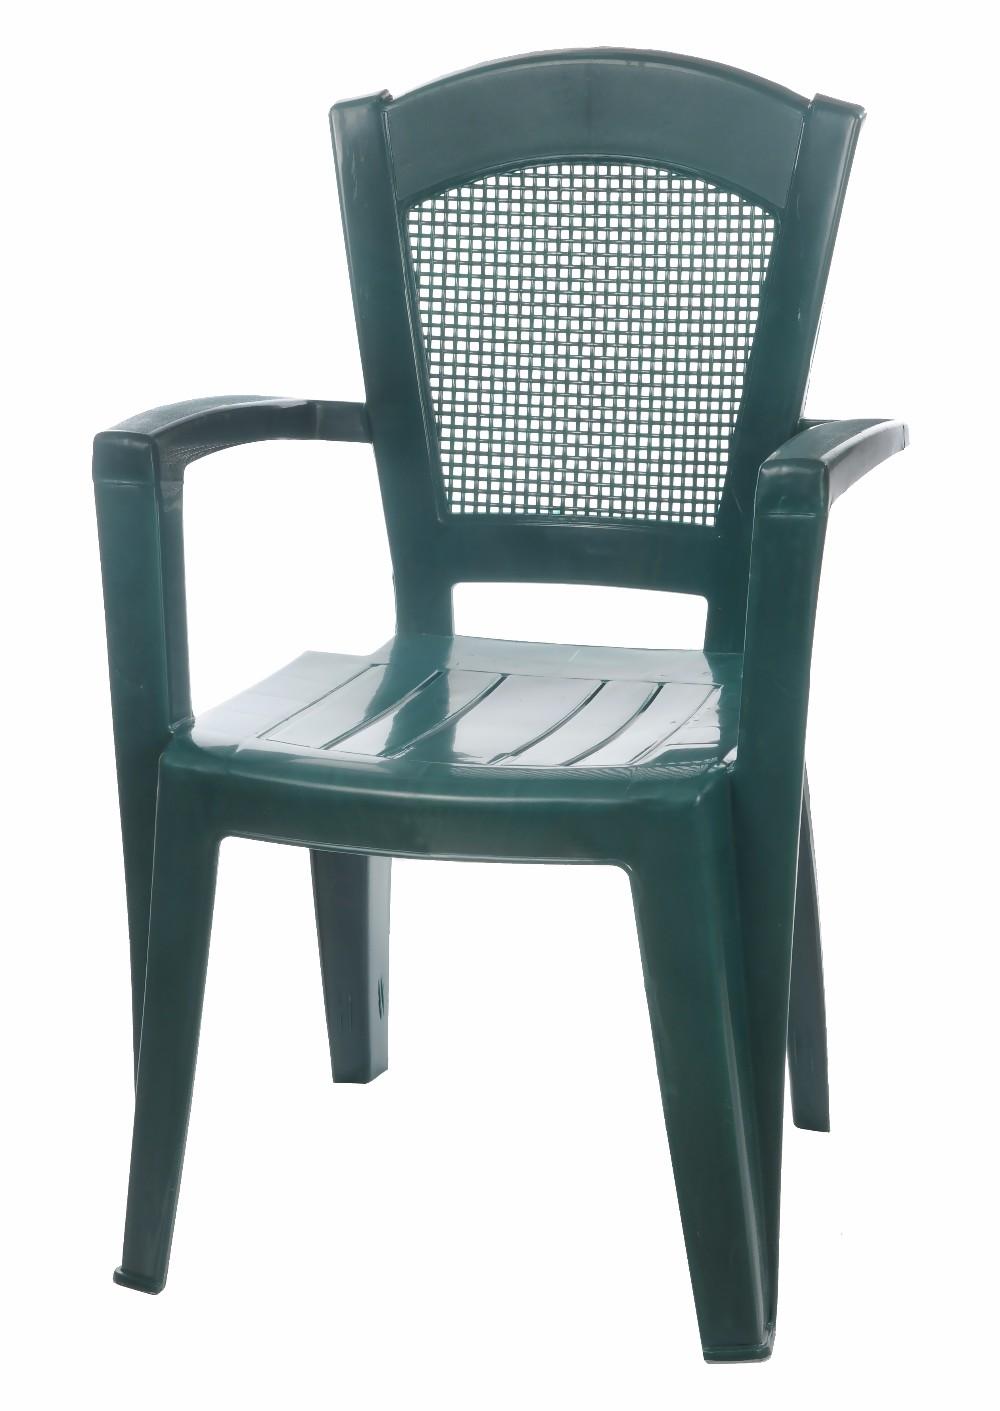 Buy Chaise Bras Confortable Avec Plastique En Chaises WED2IH9Y